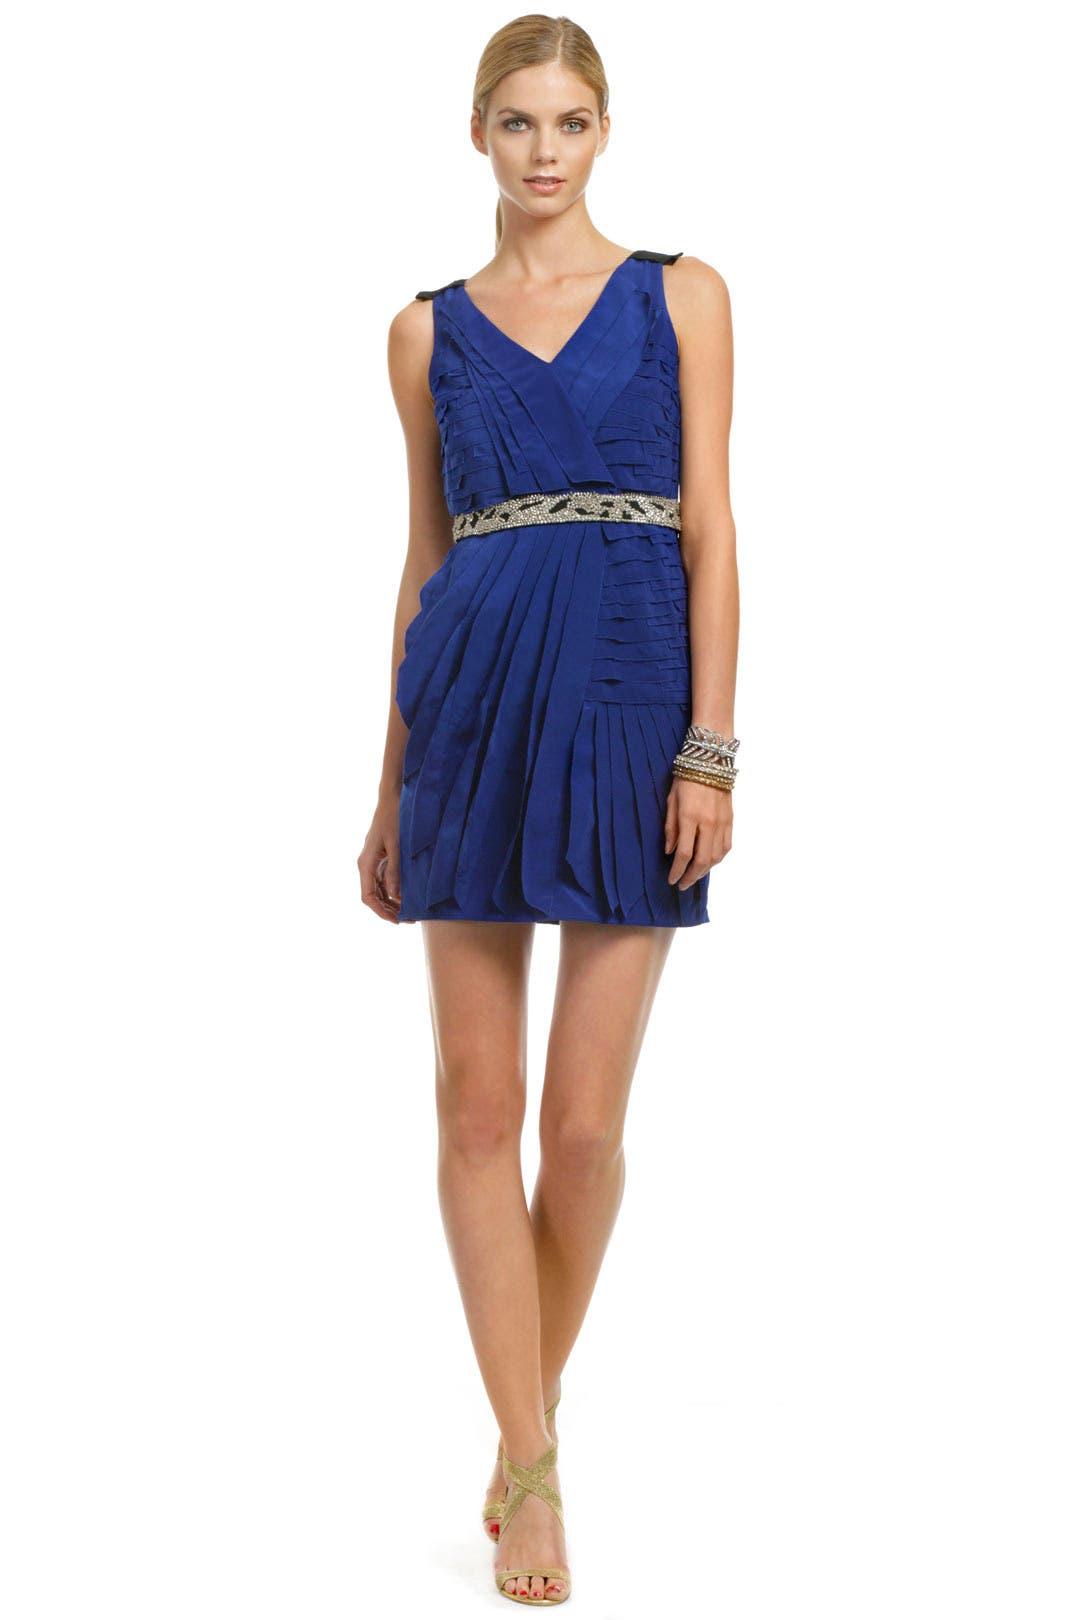 Always a Star Dress by Sachin + Babi